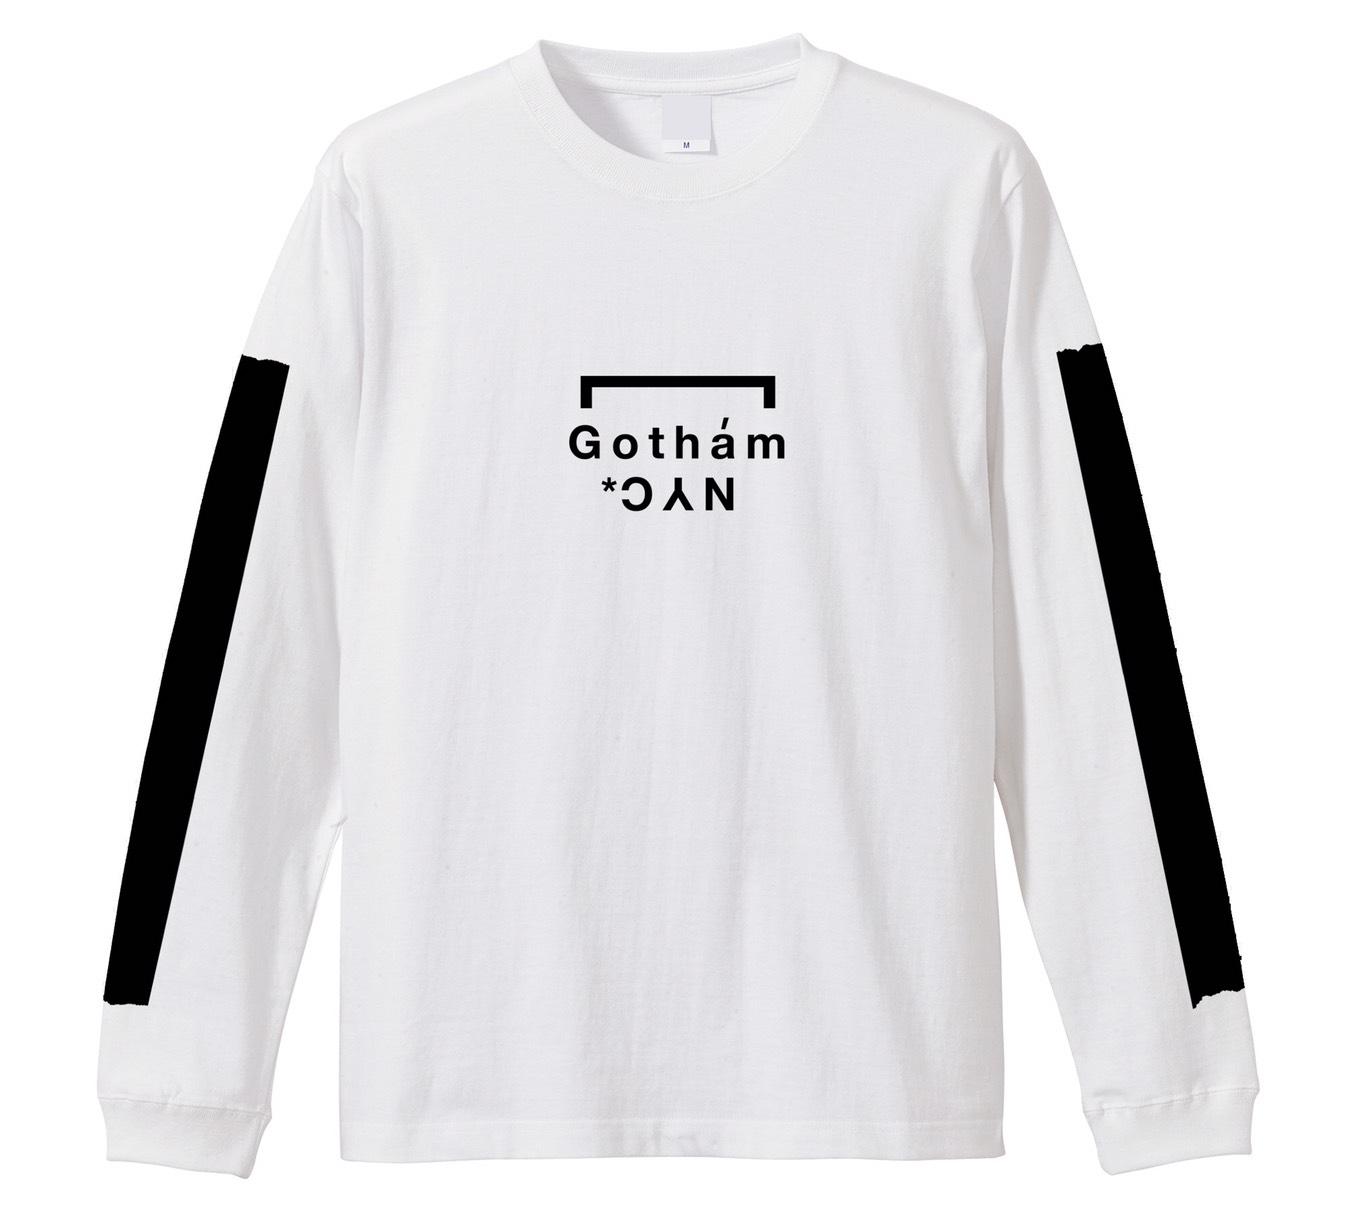 GOTHAM NYC (ゴッサムエヌワイシー)  Long sleeve Tシャツ ホワイト  [GN701]